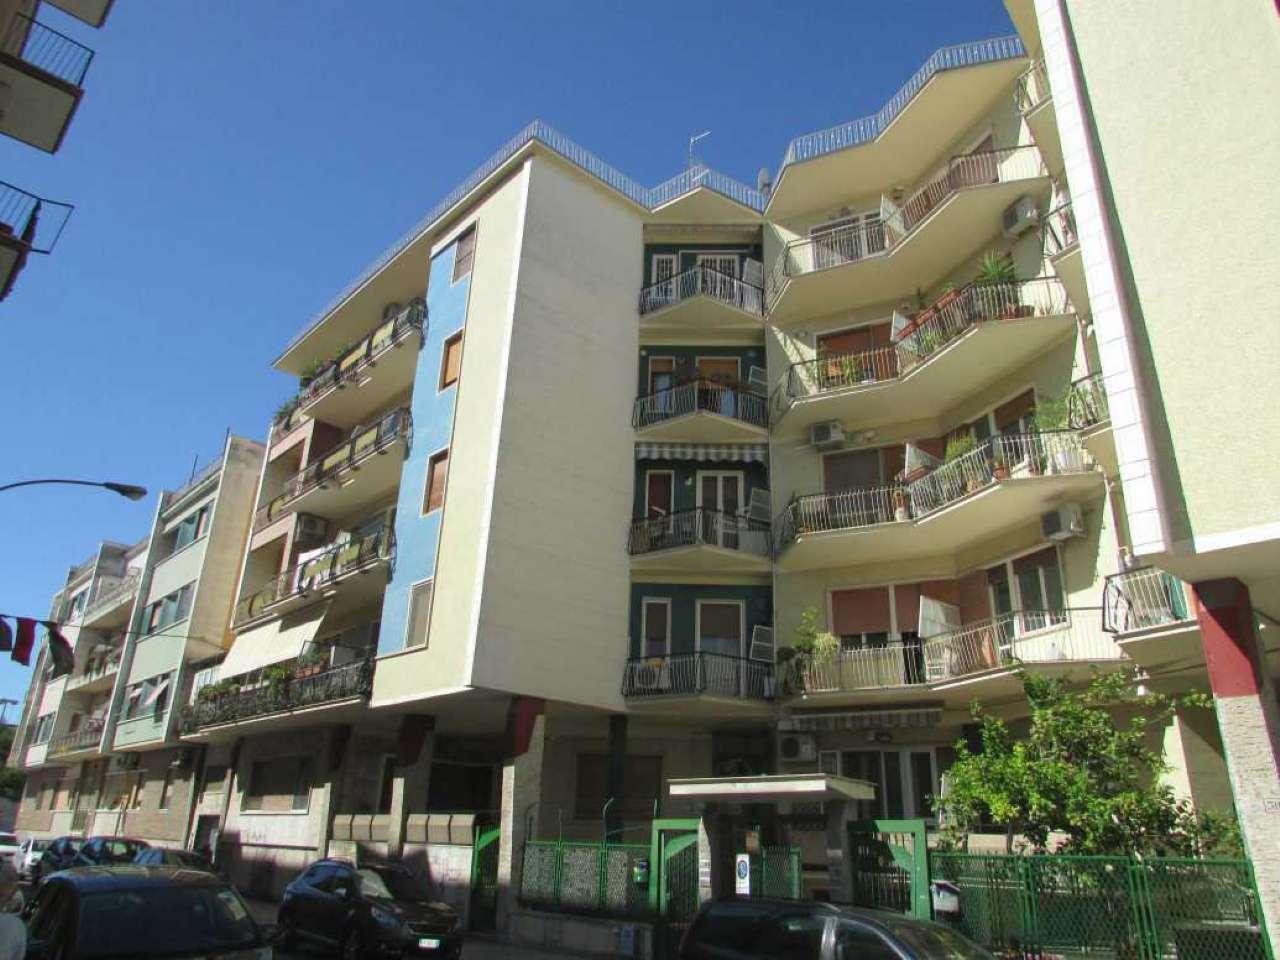 Appartamento 5 locali in affitto a Foggia (FG)